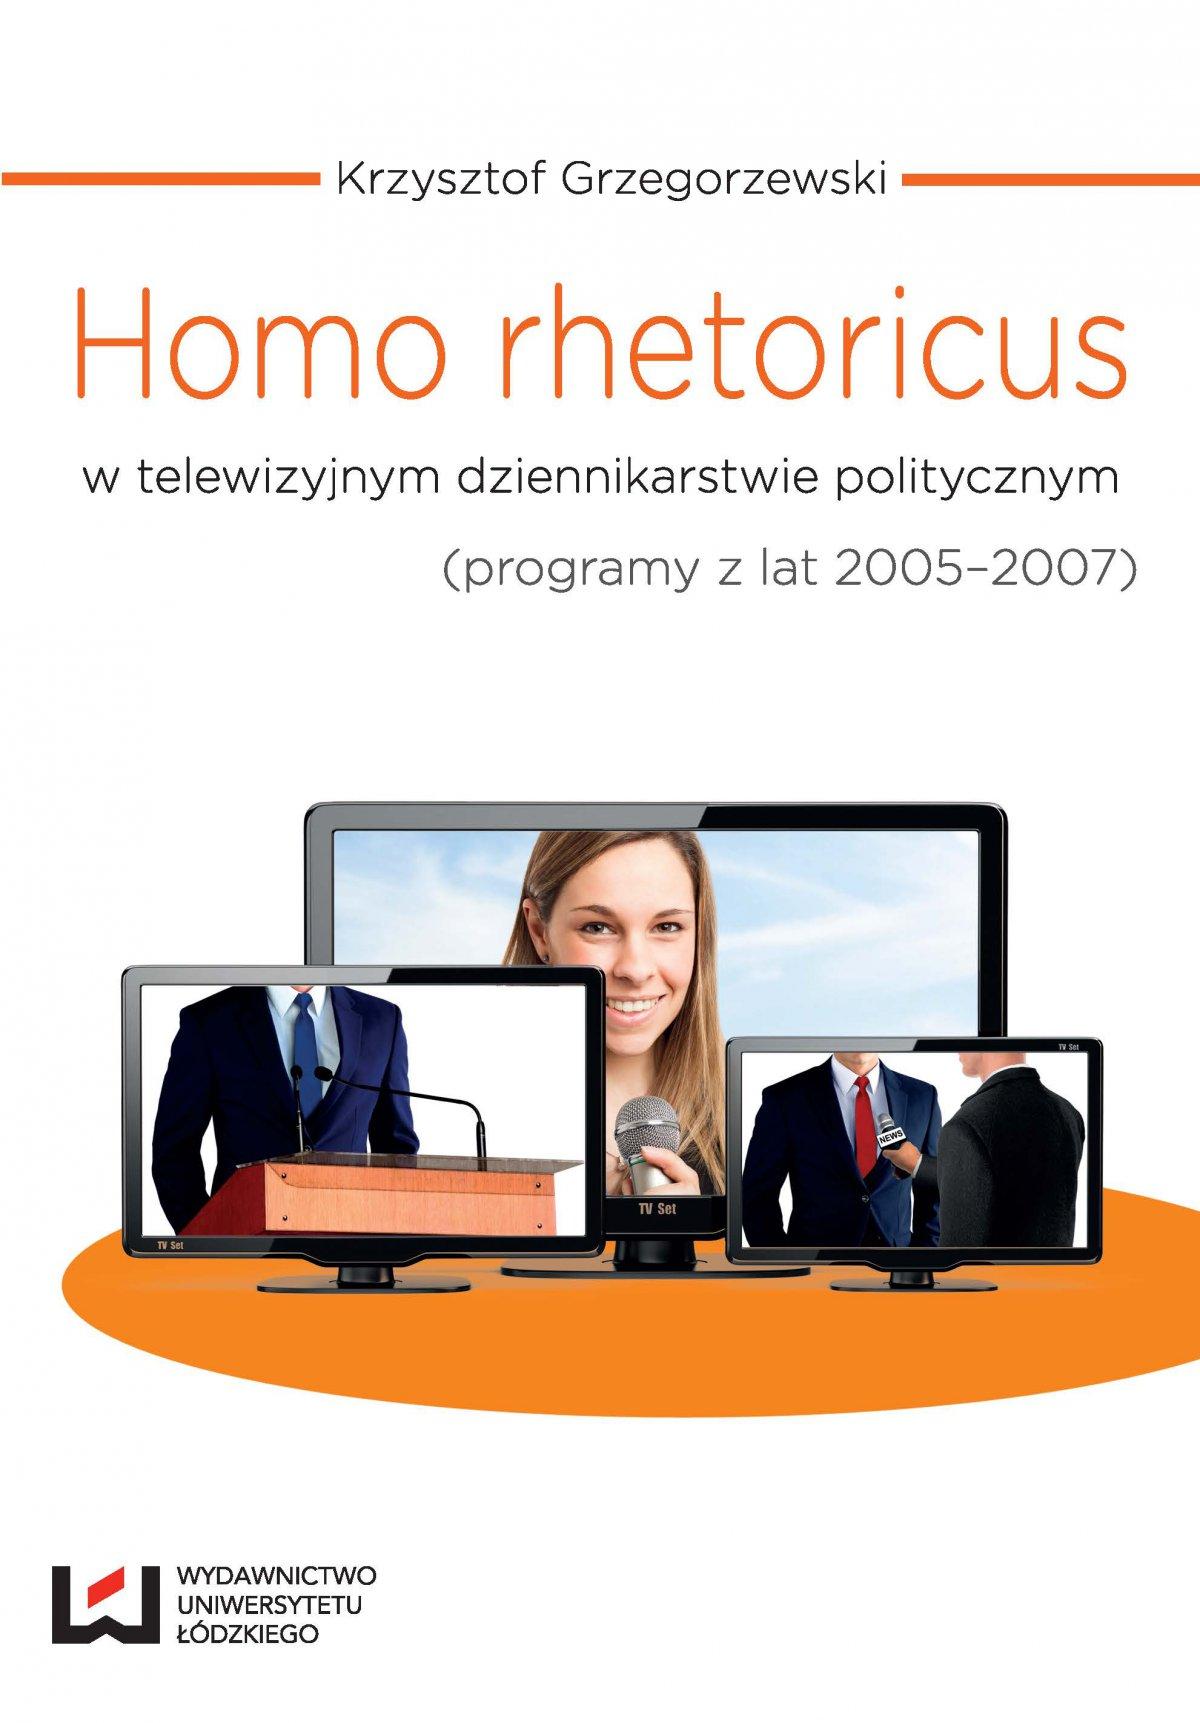 Homo rhetoricus w telewizyjnym dziennikarstwie politycznym (programy z lat 2005-2007) - Ebook (Książka EPUB) do pobrania w formacie EPUB